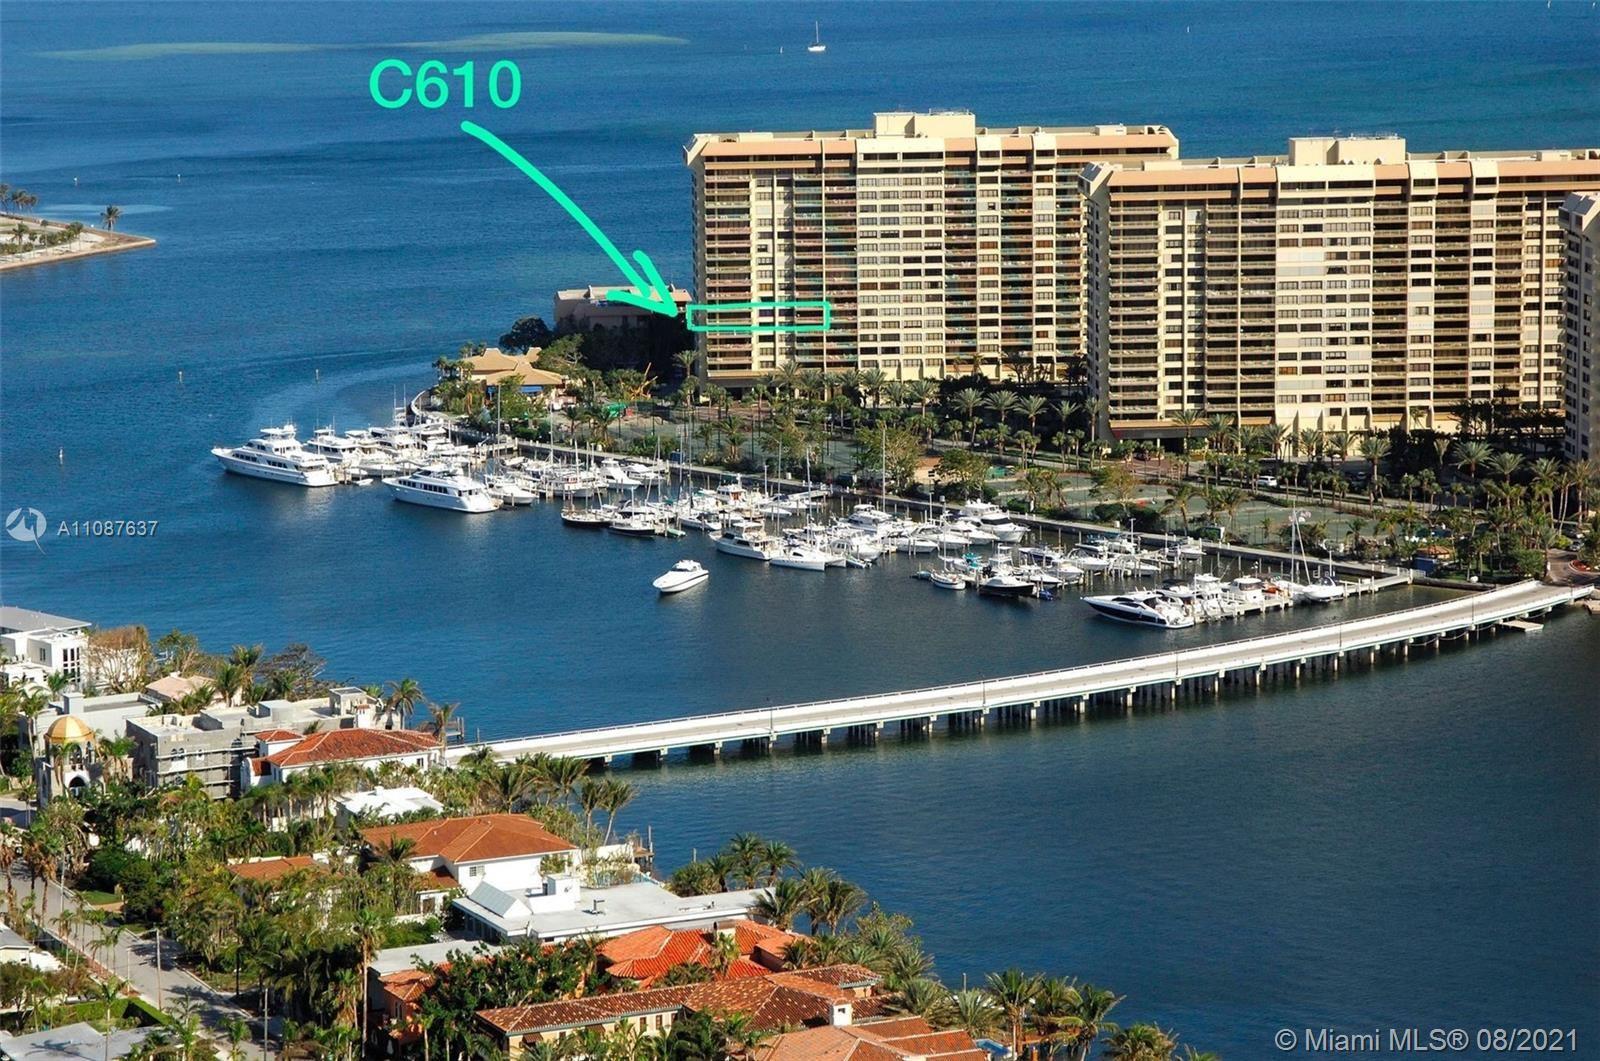 3 Grove Isle Dr #C610, Miami, FL 33133 - #: A11087637